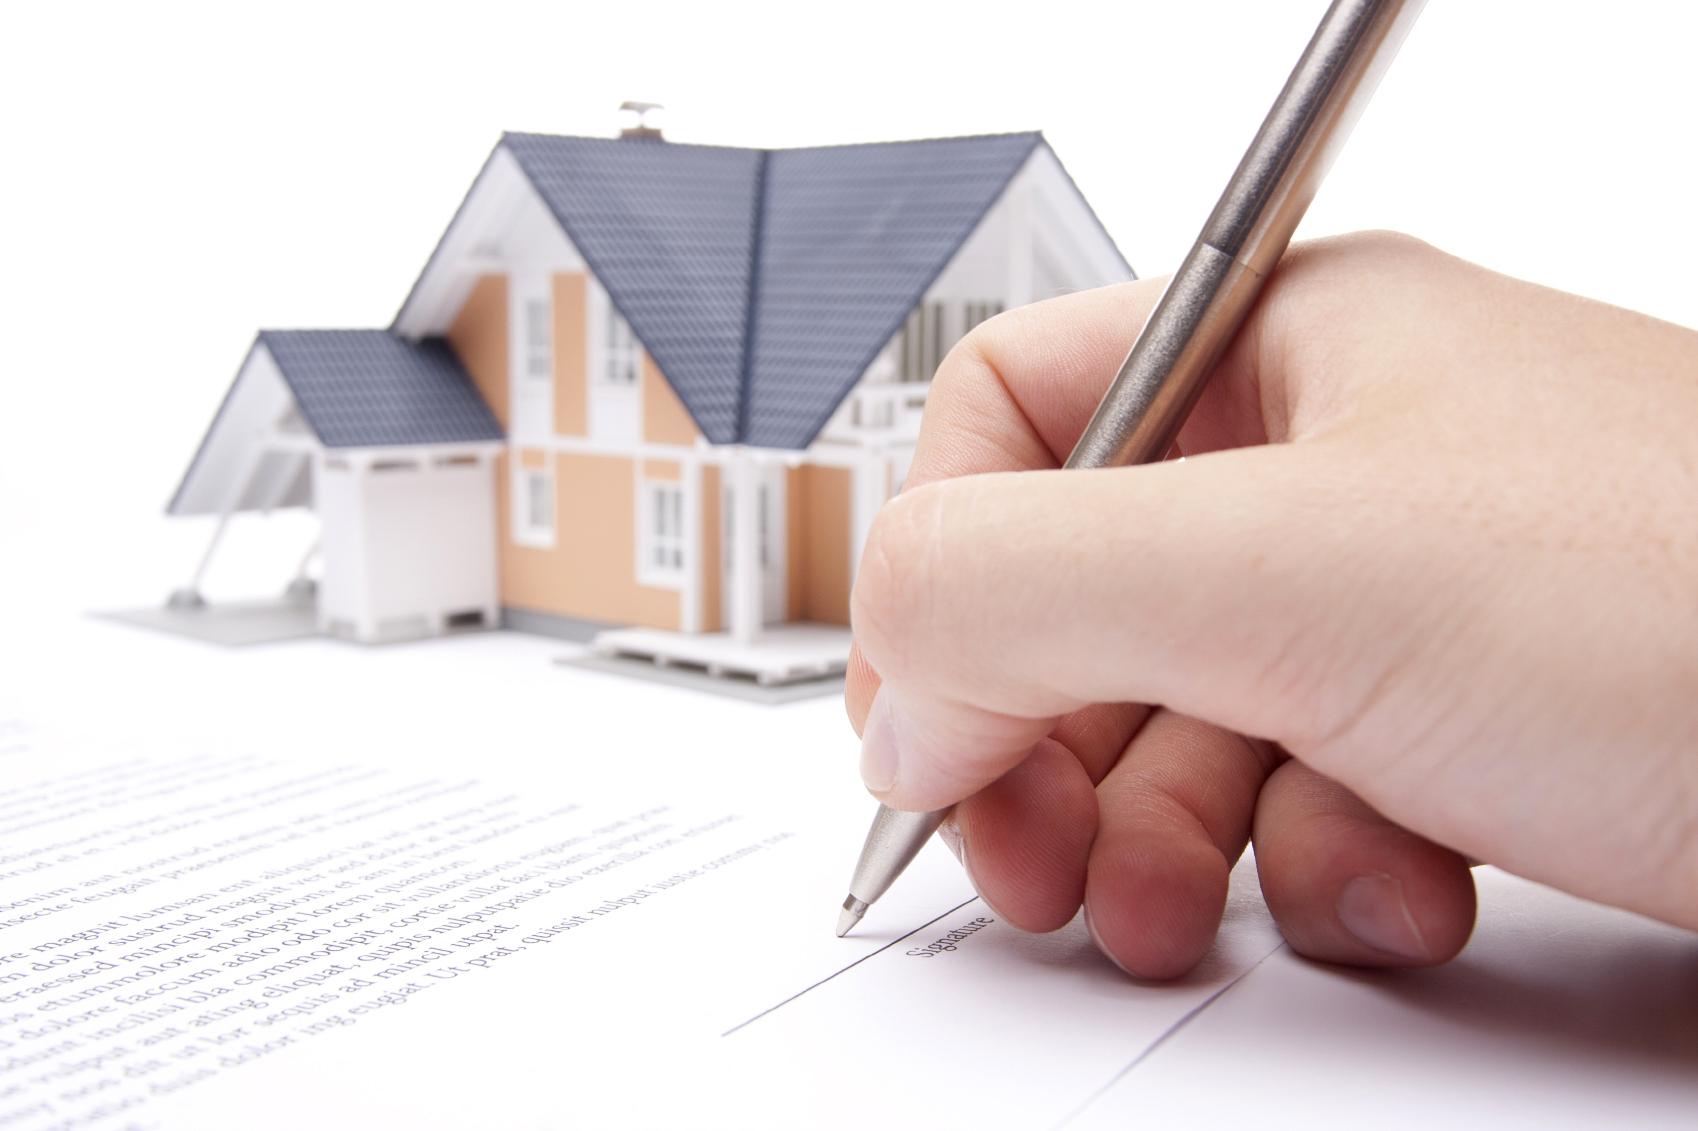 Как оформляются сделки покупки недвижимости во Франции